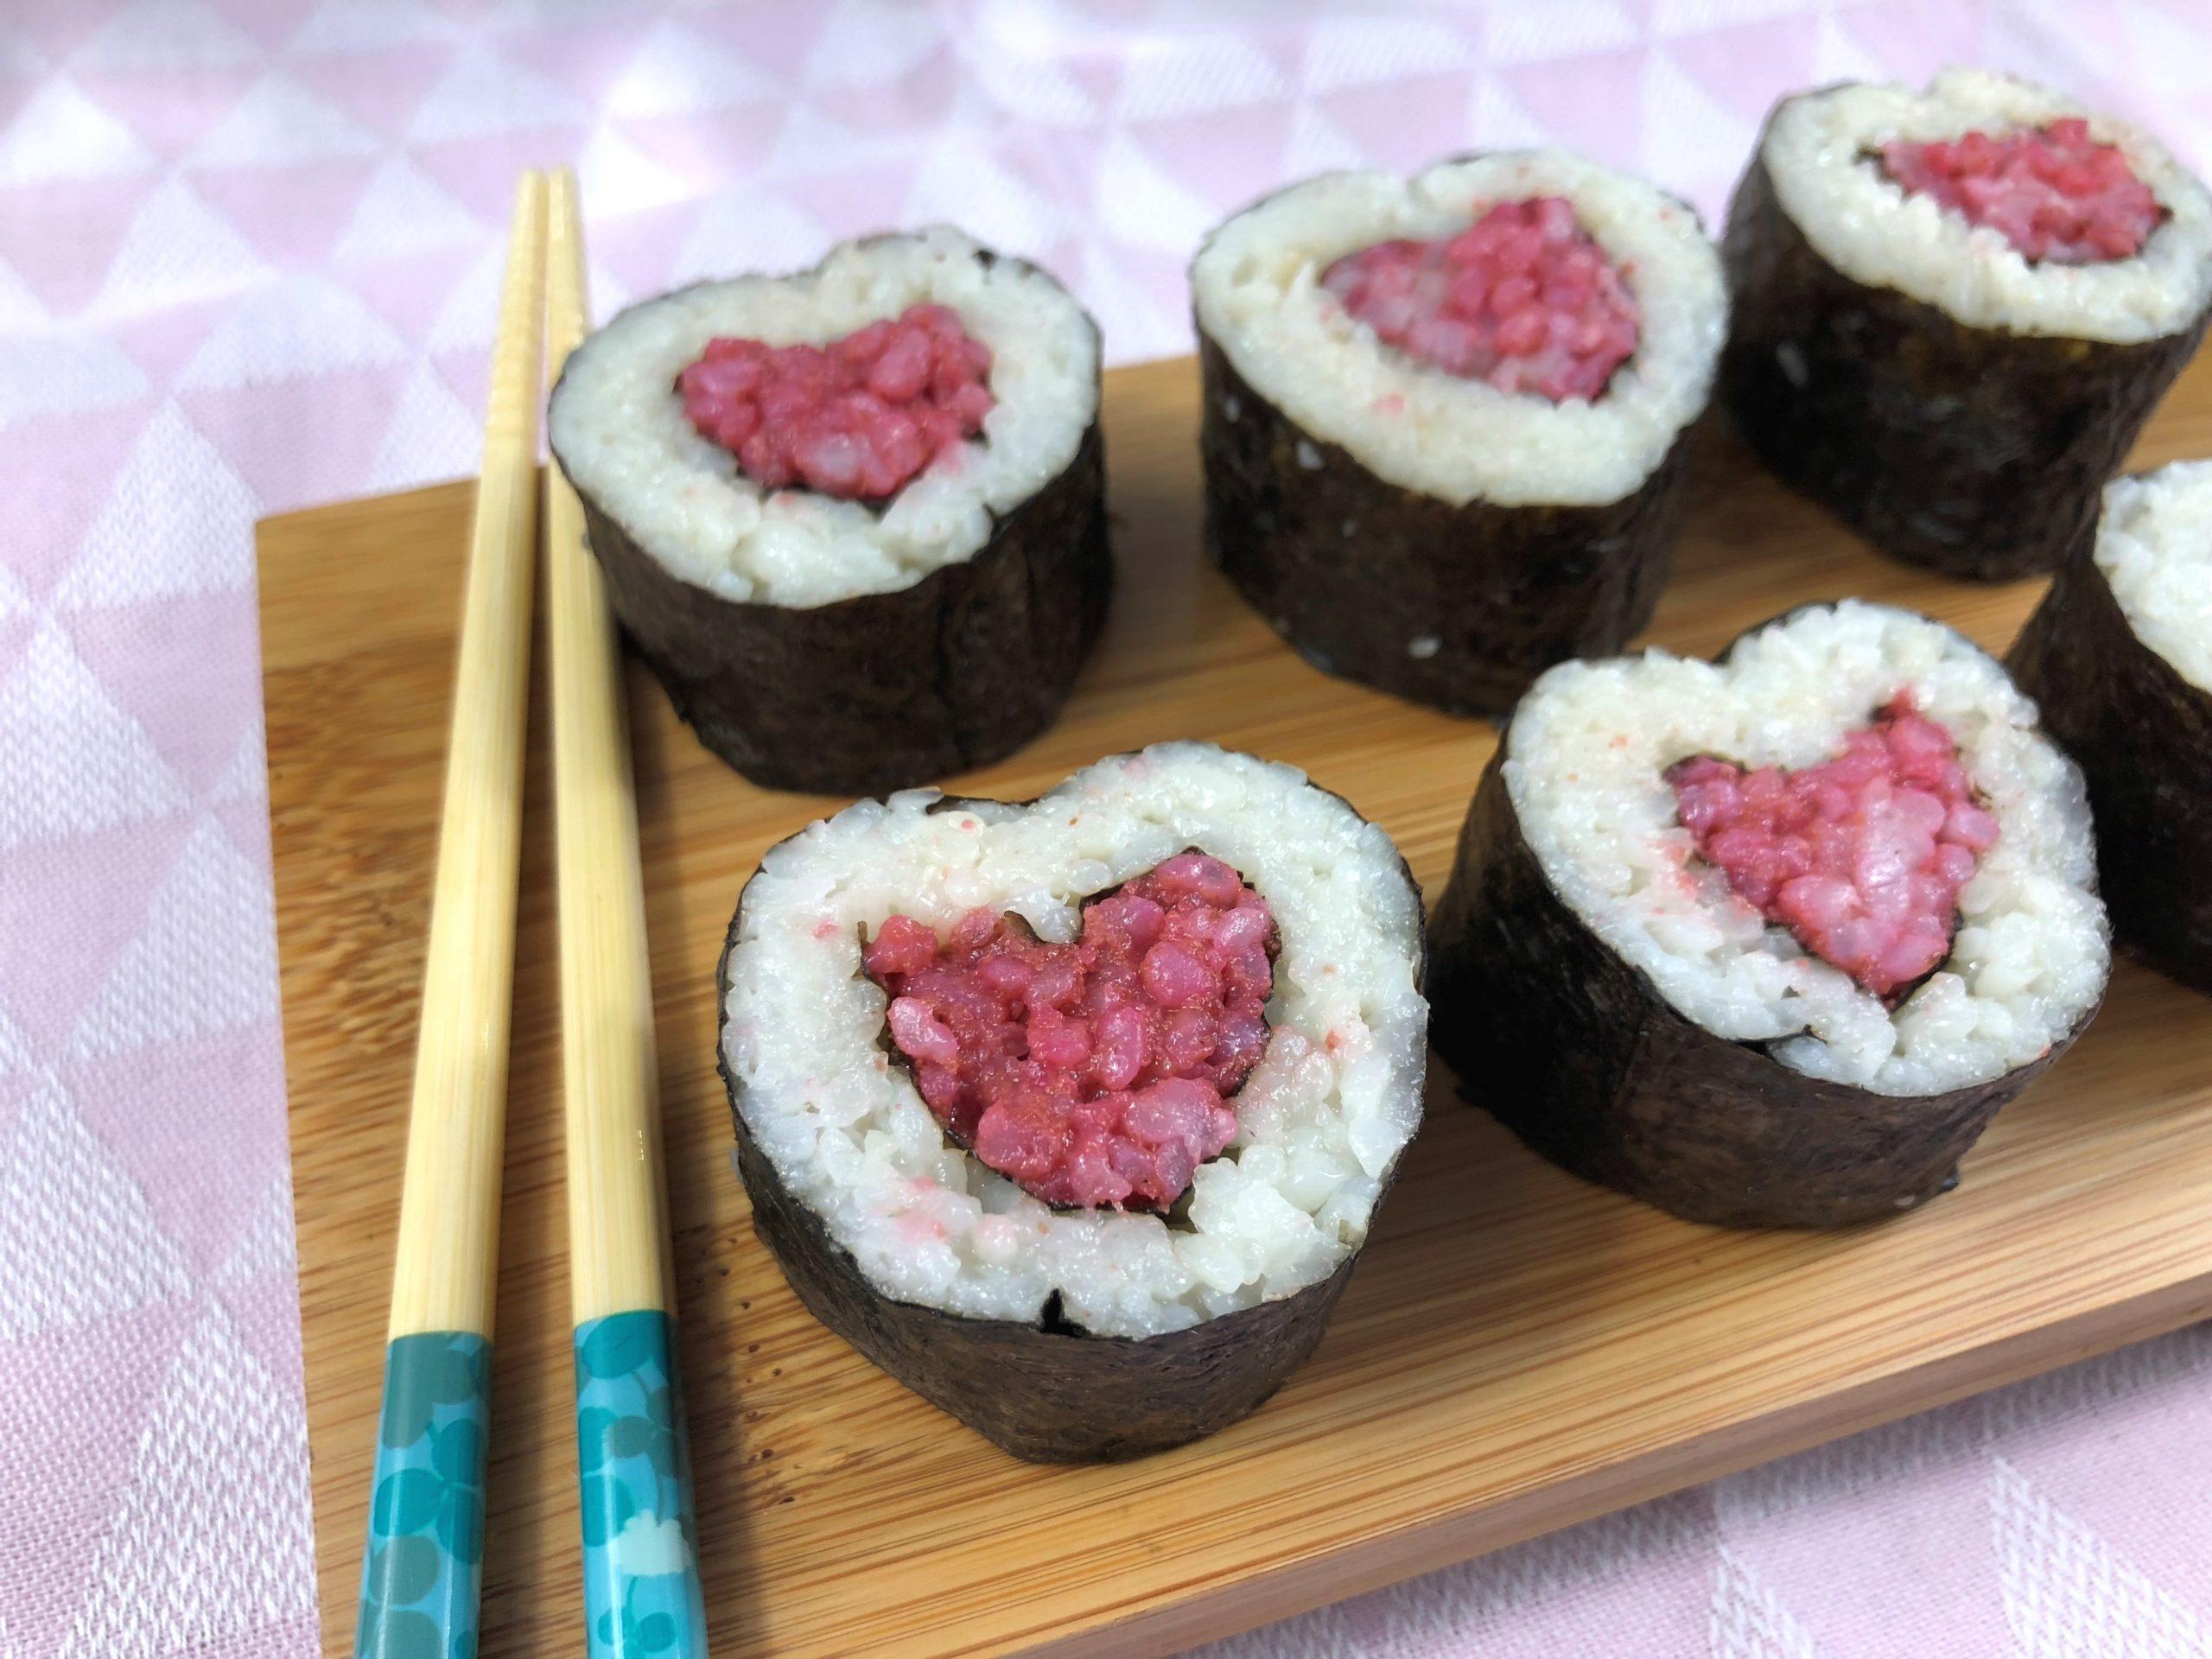 Makis coeur à la betterave pour la Saint-Valentin ❤️